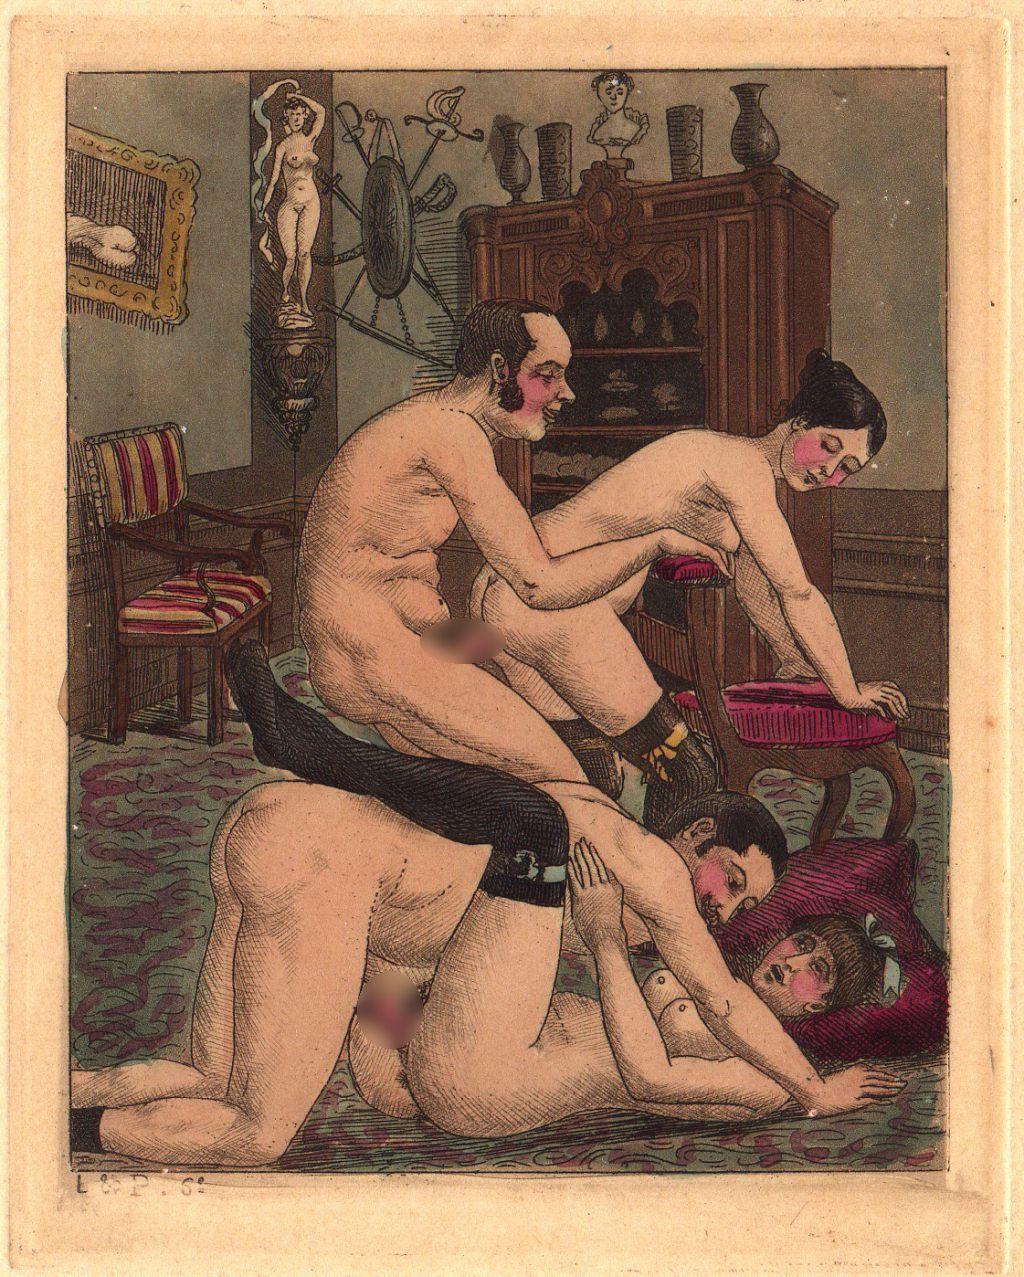 Подборка из старых мультиков на порно мотив порно видео